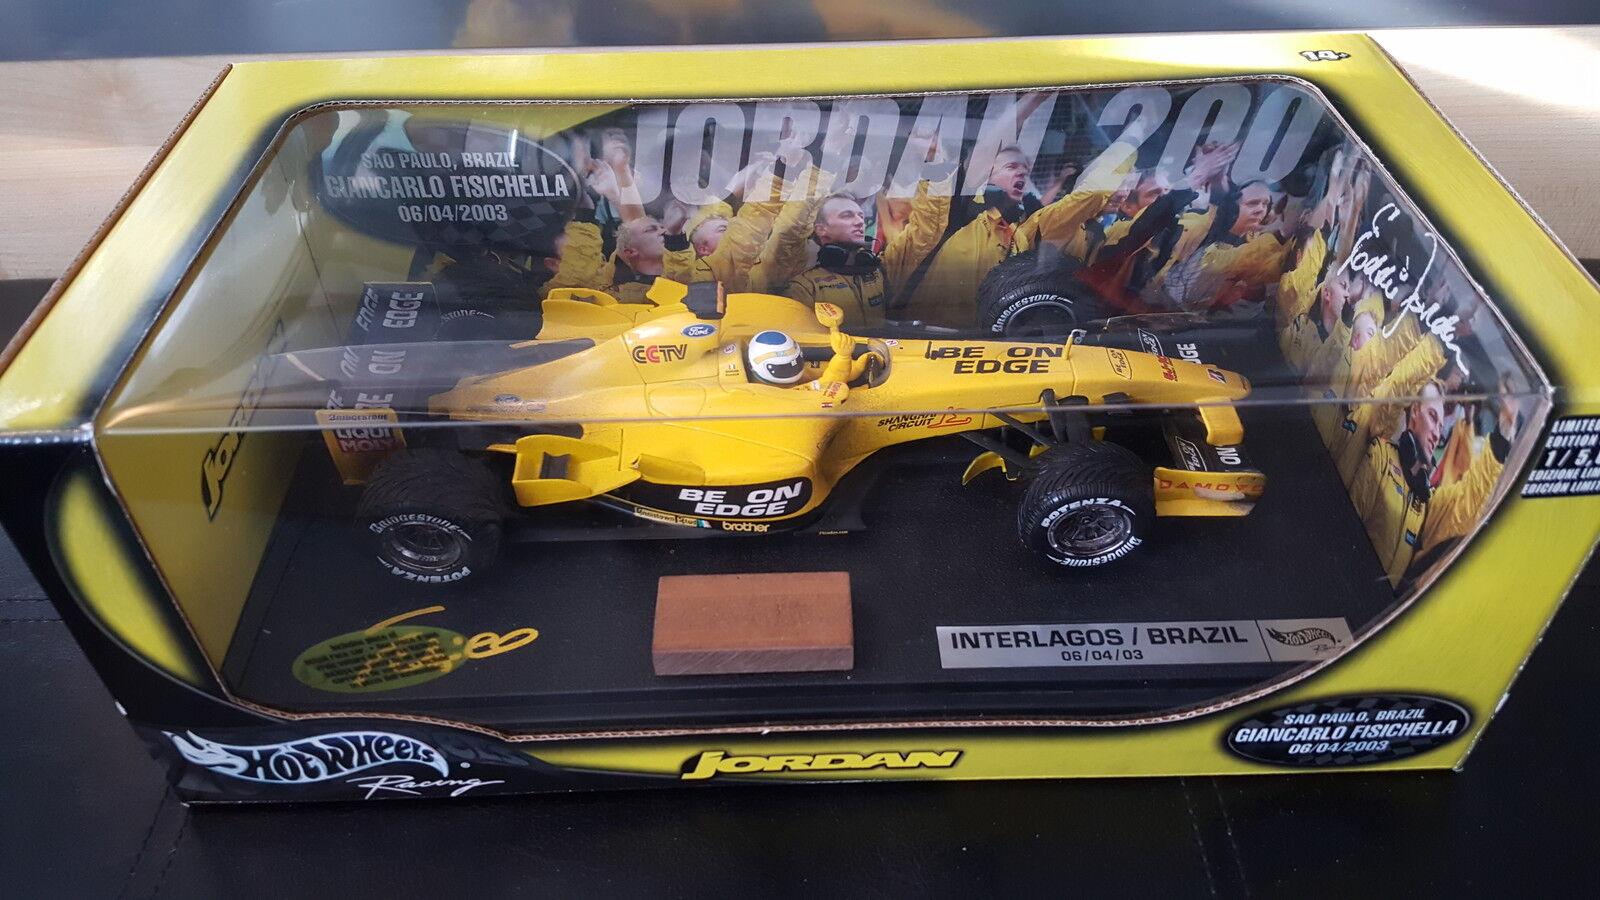 Giancarlo Fisichella Hotwheels Jordan EJ13 Brazil 2003 Win 1 18 Die Cast Model.